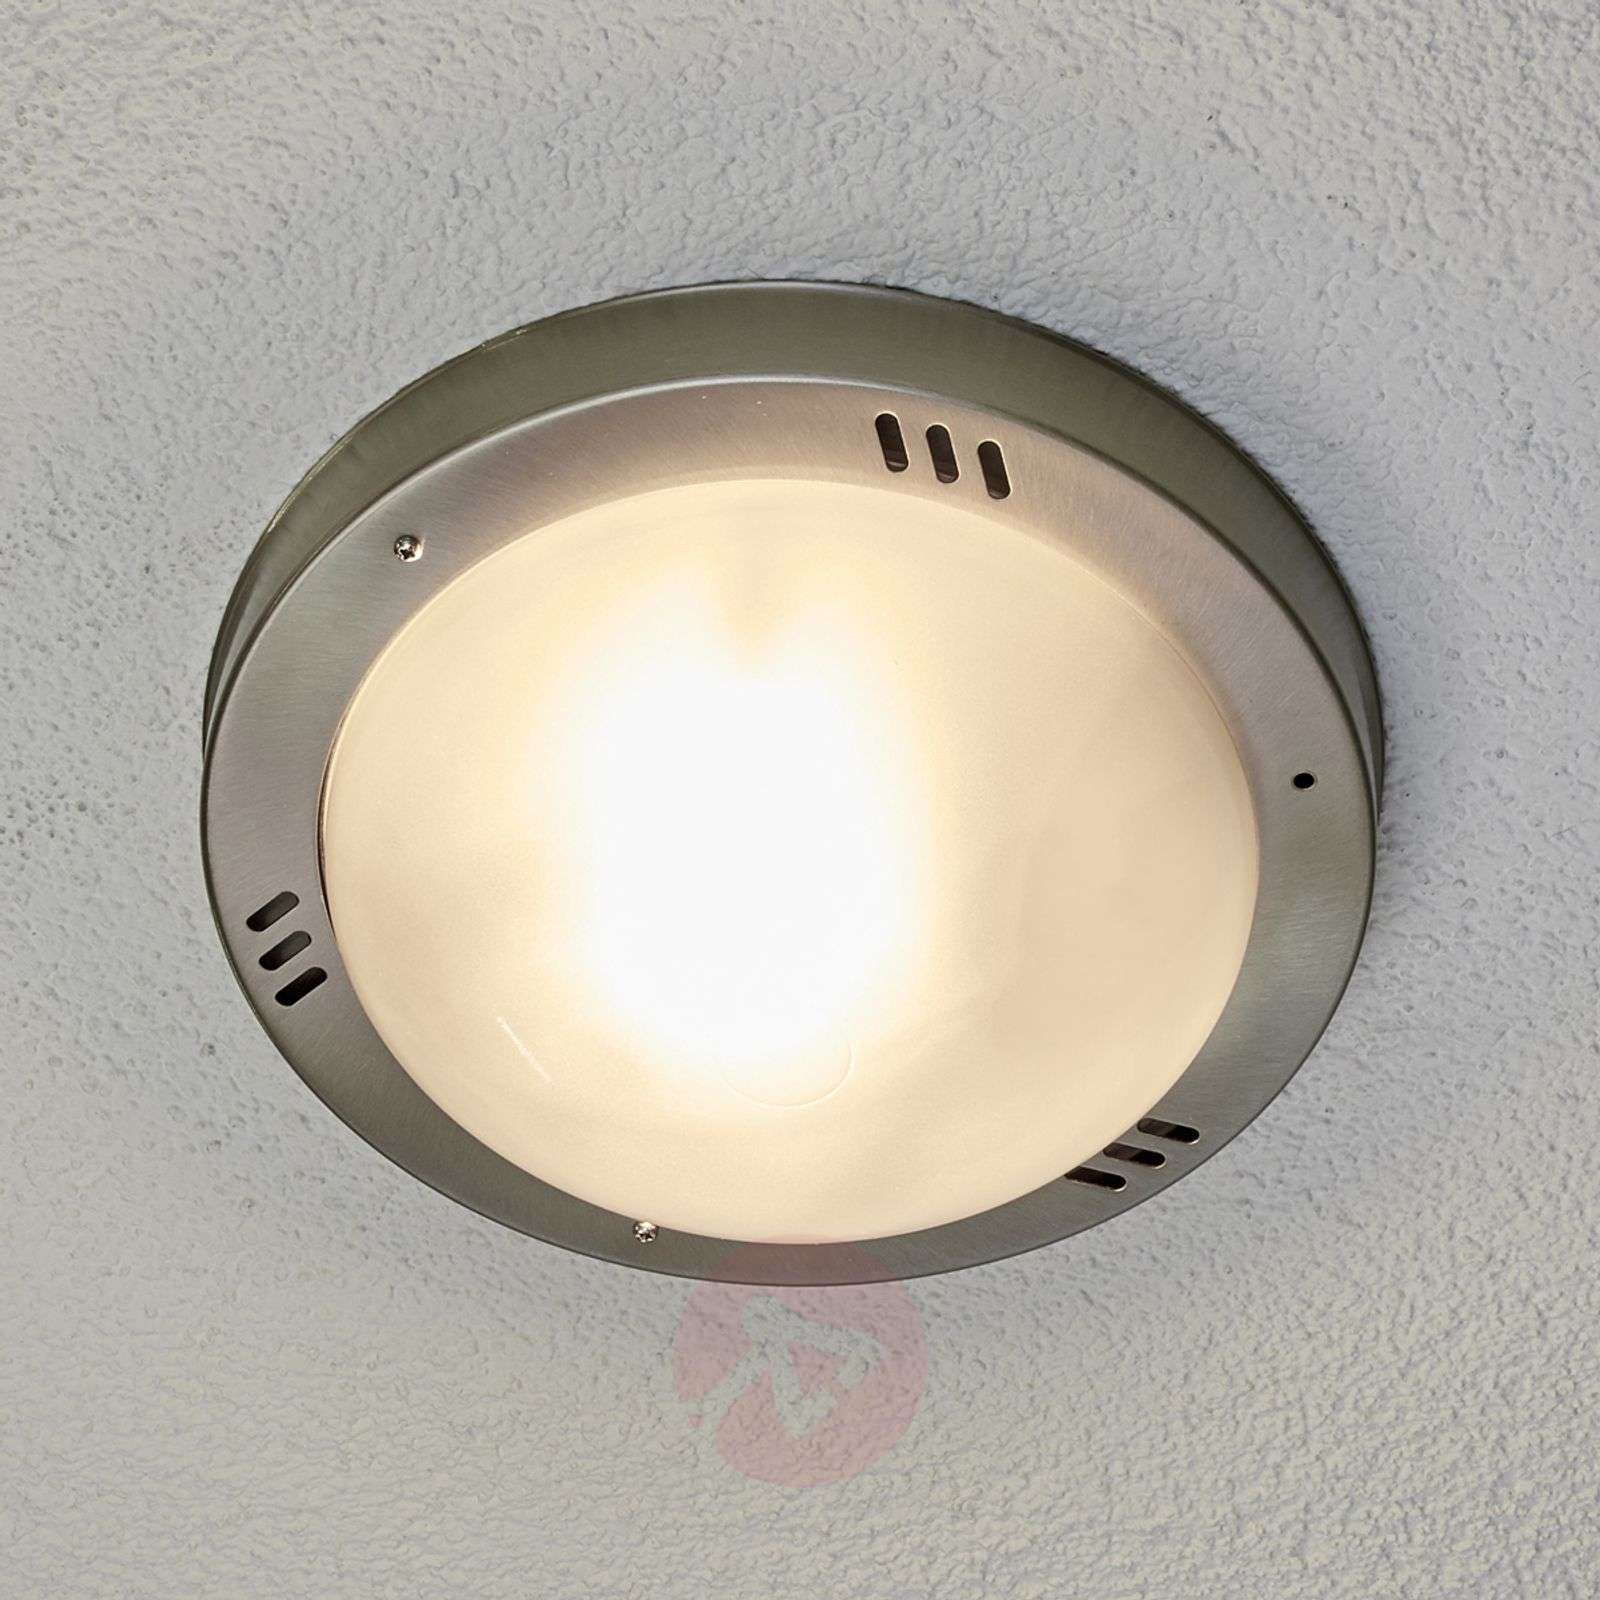 Mascha stainless steel outdoor wall light-9960039-02